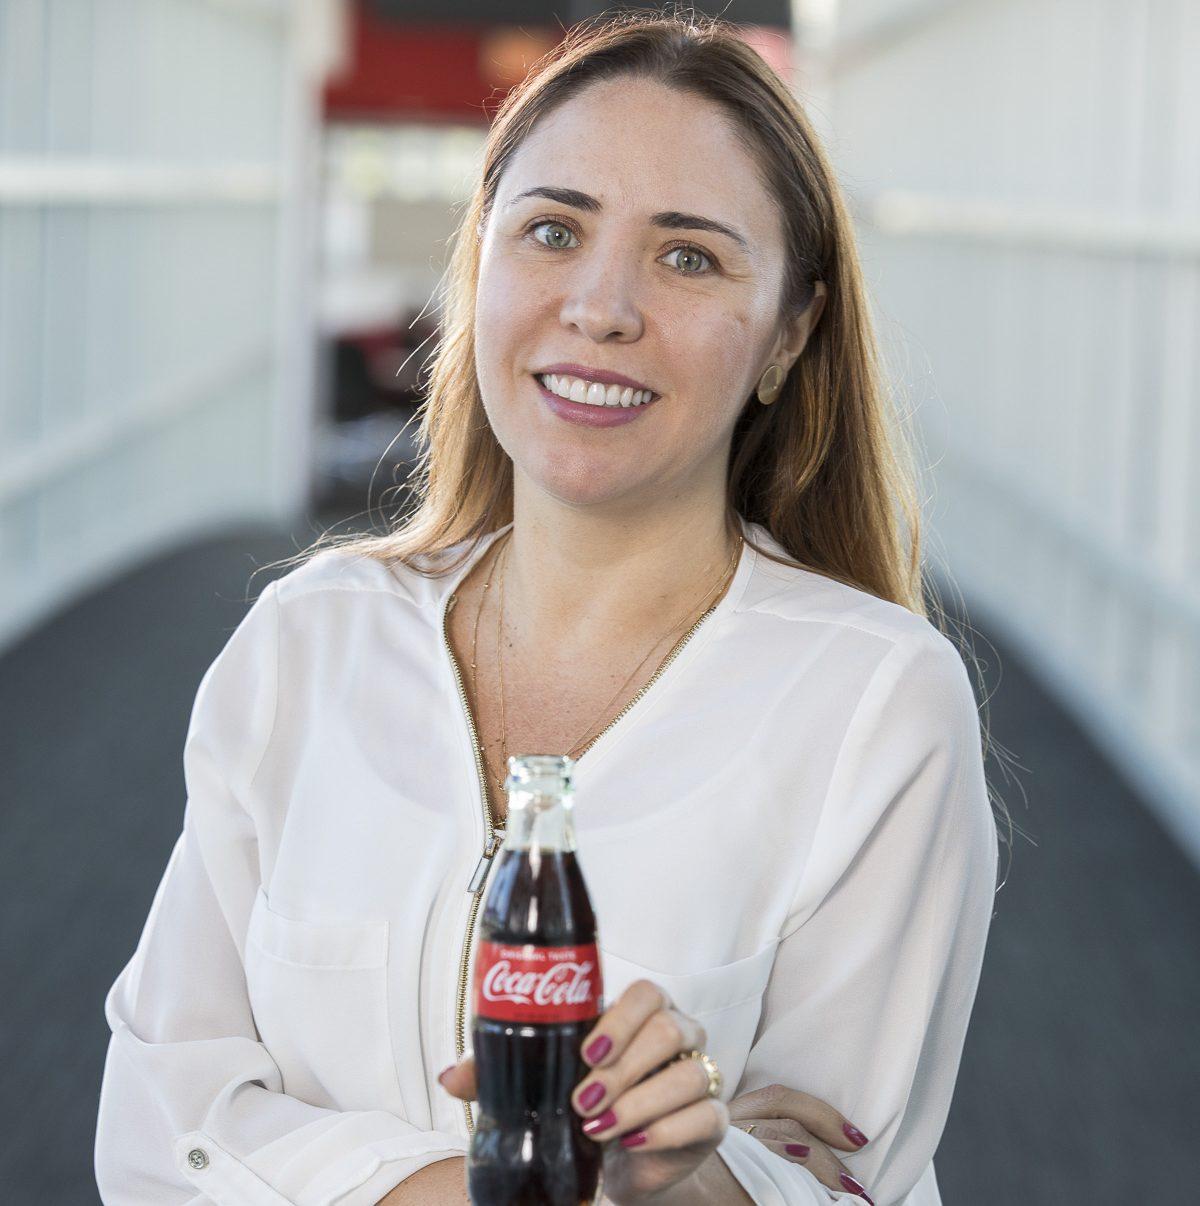 A executiva Adriana Knackfuss, Head of Integrated Marketing Experiences Latam na Coca-Cola, participou da Palestra Magna do Ibmec